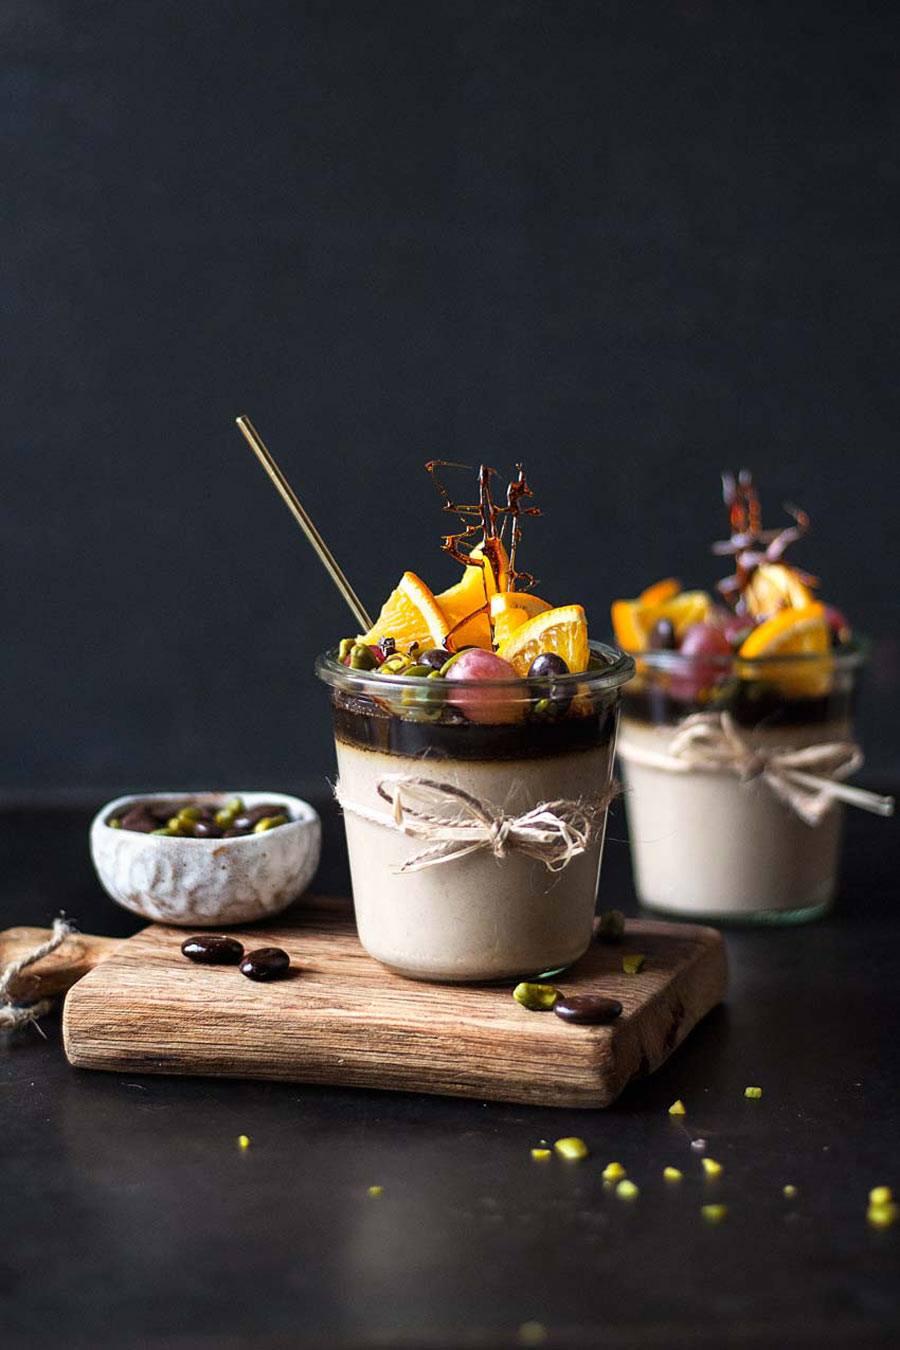 hooray vegane lebkuchen panna cotta feiern mit fabienne von freiknuspern nom noms food. Black Bedroom Furniture Sets. Home Design Ideas